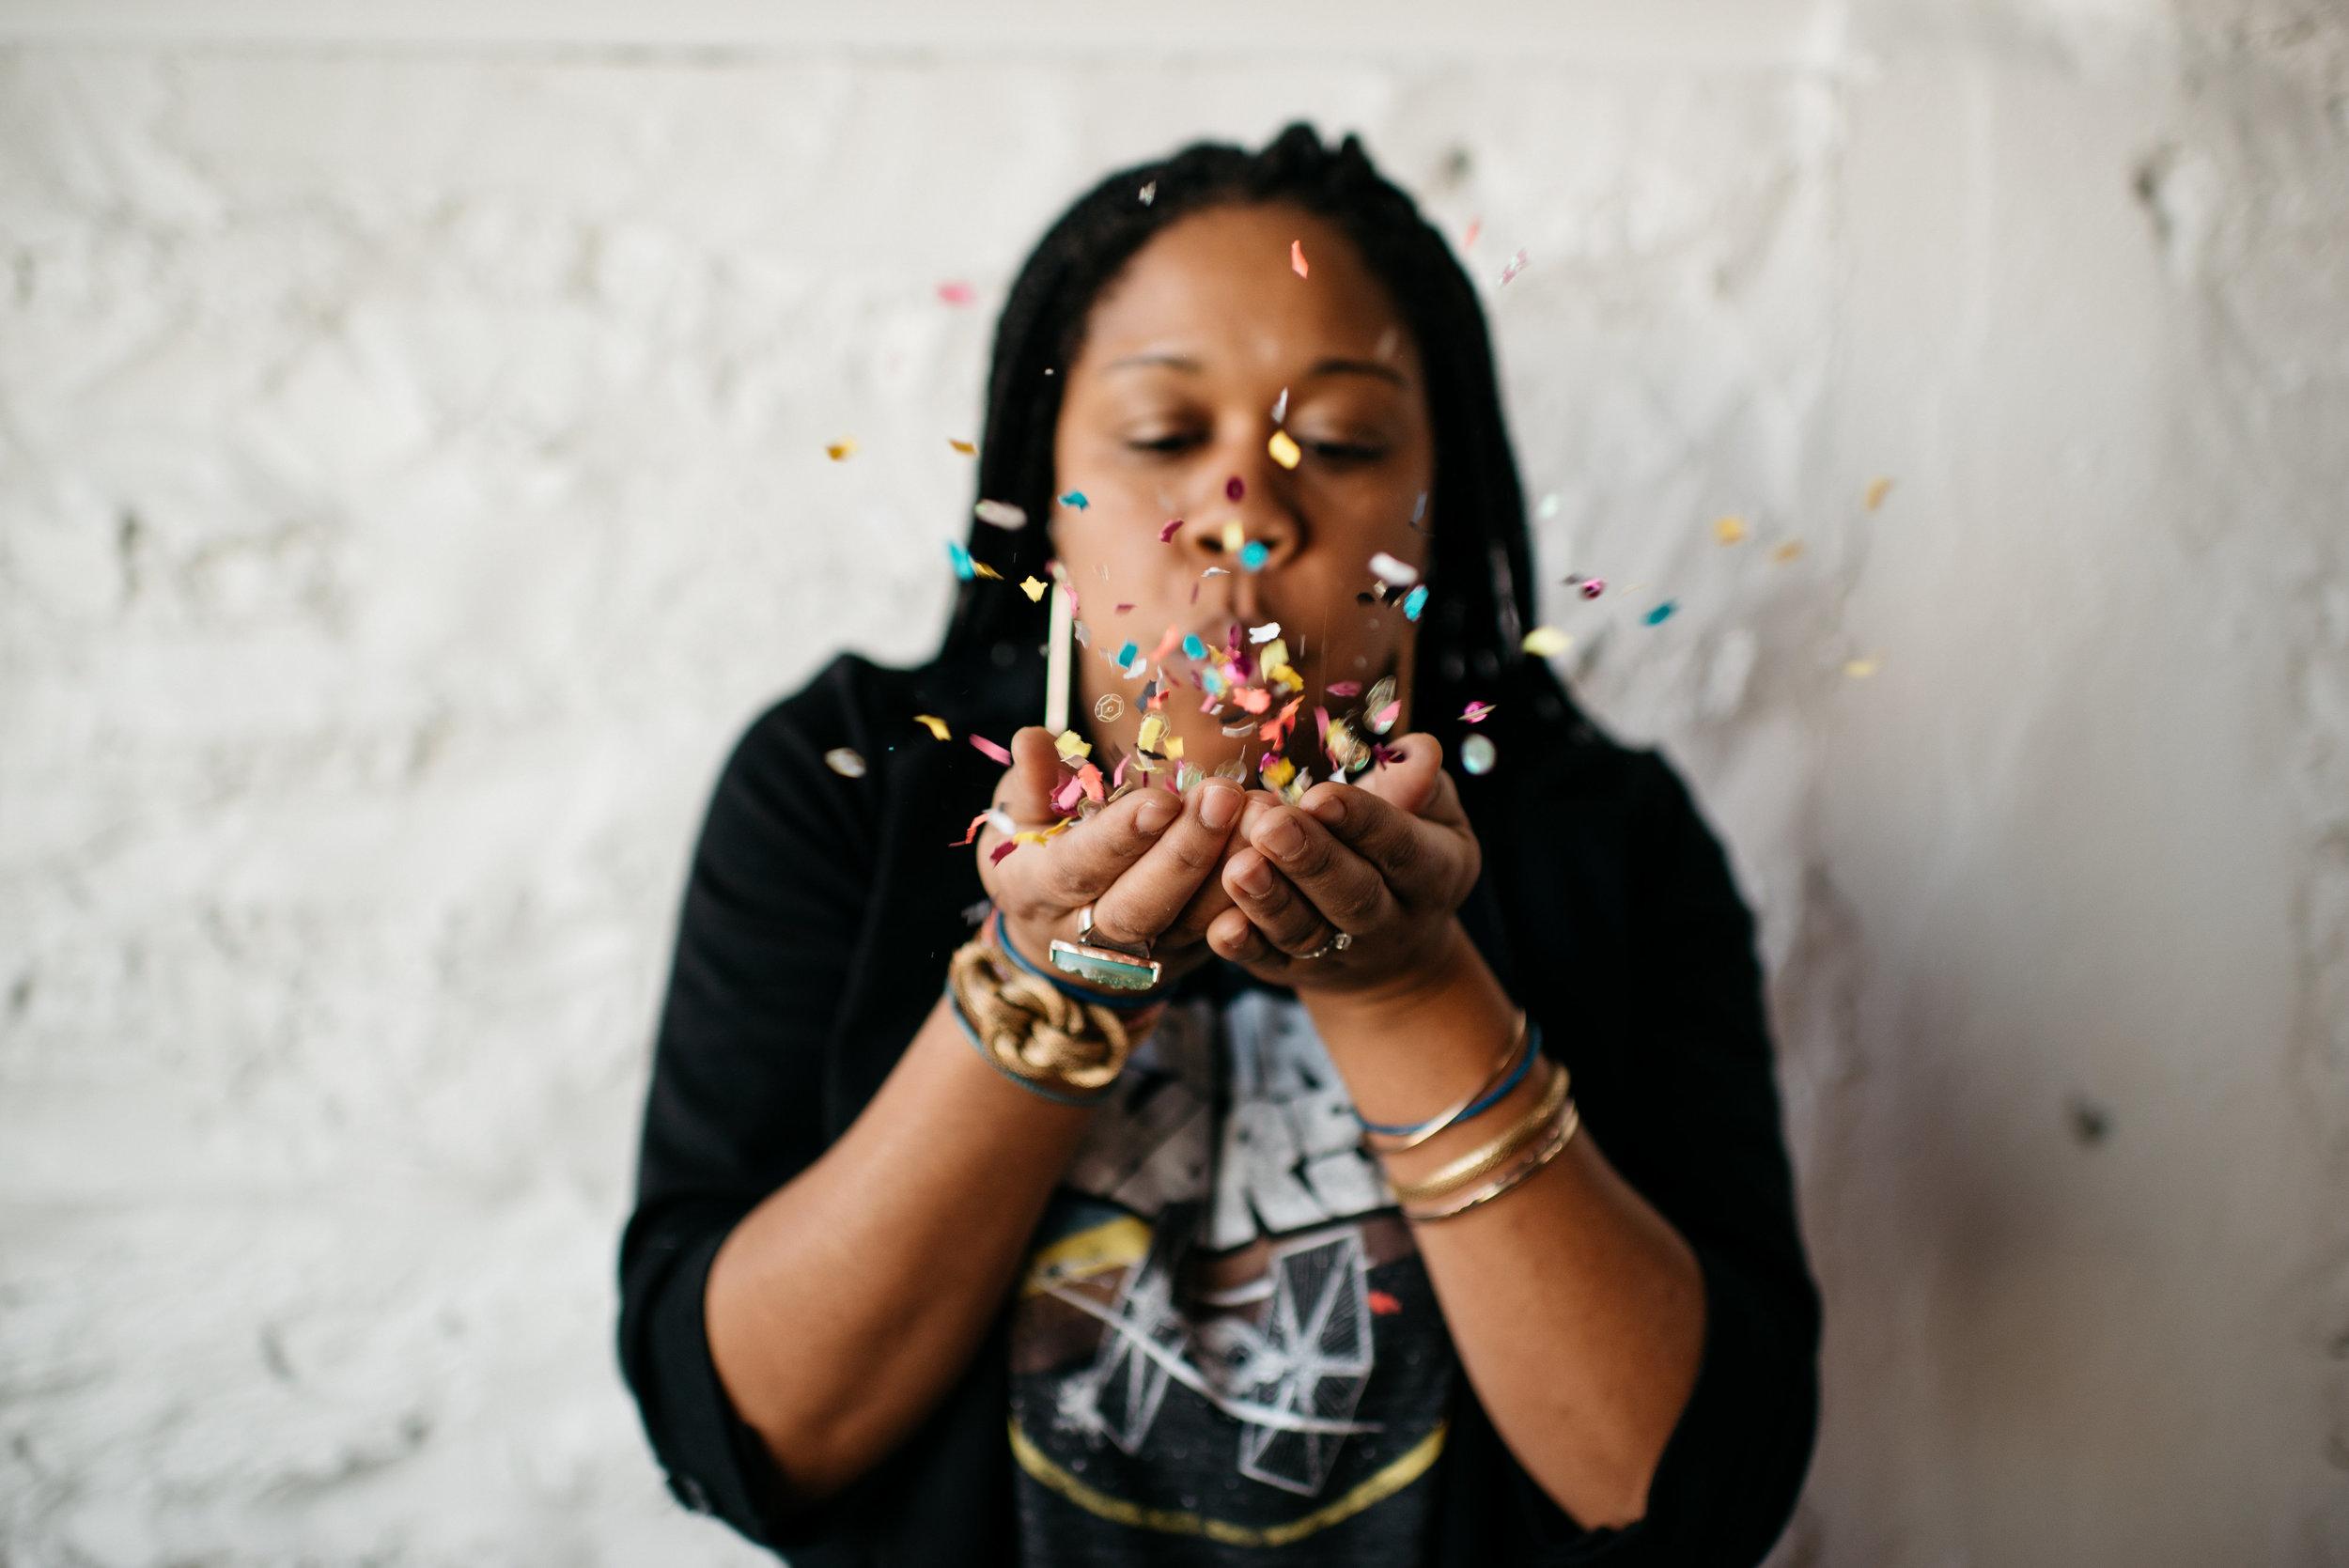 Adina Franconi blowing confetti